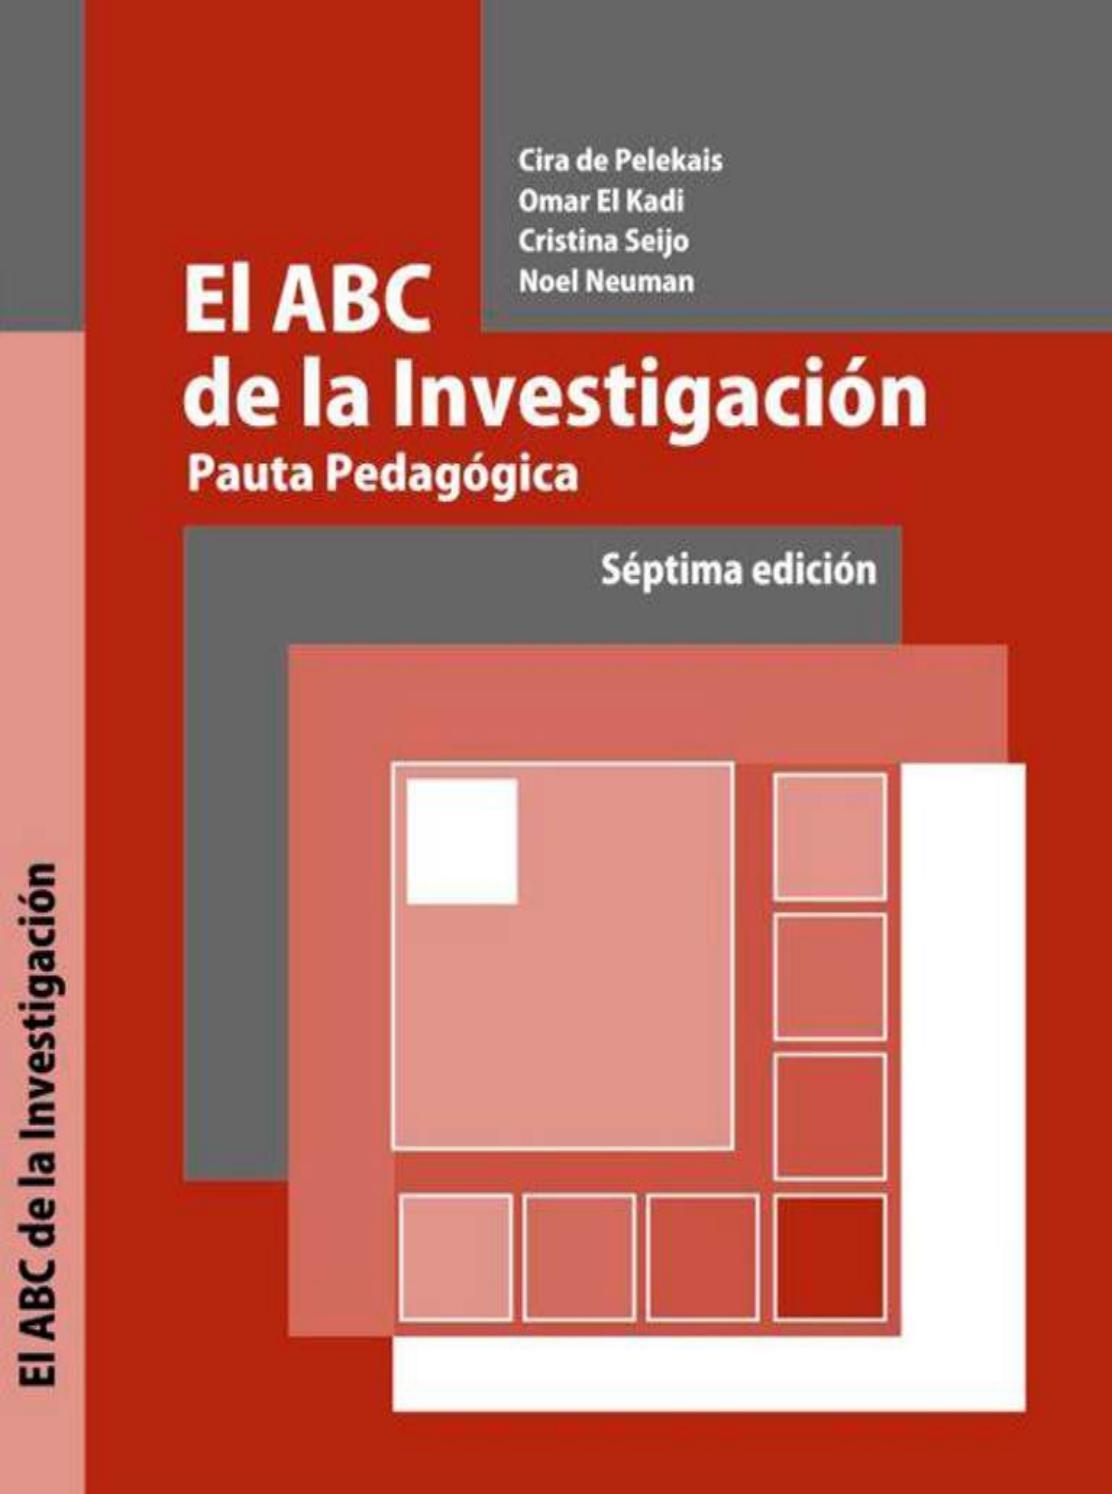 El ABC de la Investigación. Pauta Pedagógica by OMAR EL ...